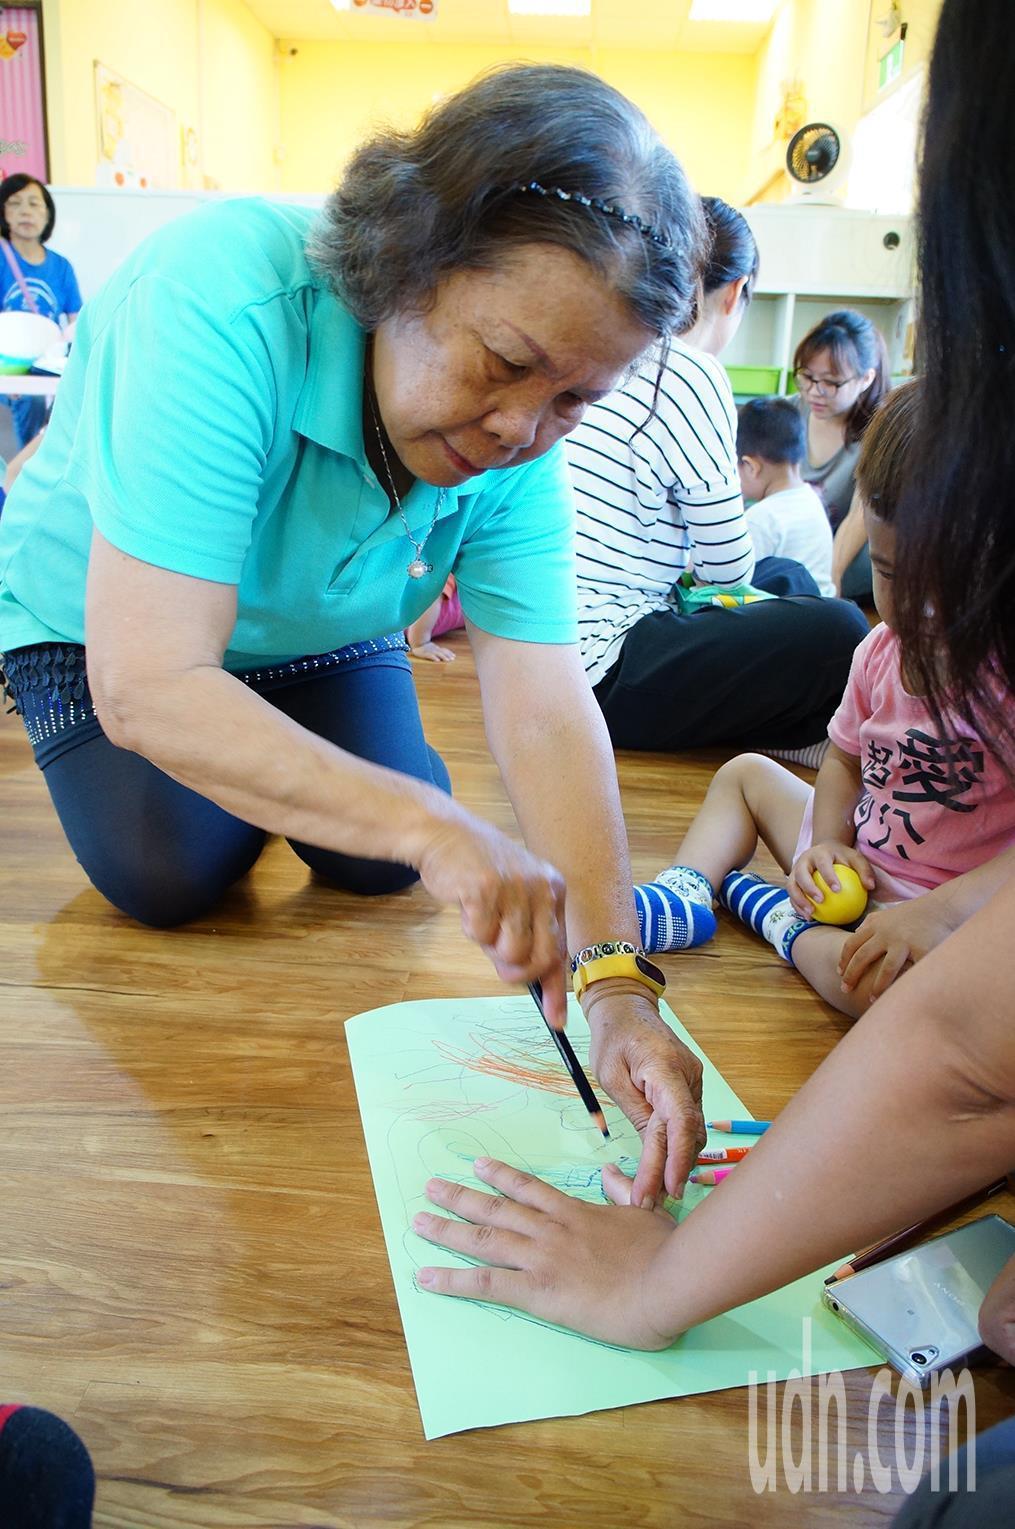 71歲退休老師李慕萍擁有30多年音樂、美術教學經驗,重返職場後也常協助繪畫教學。...